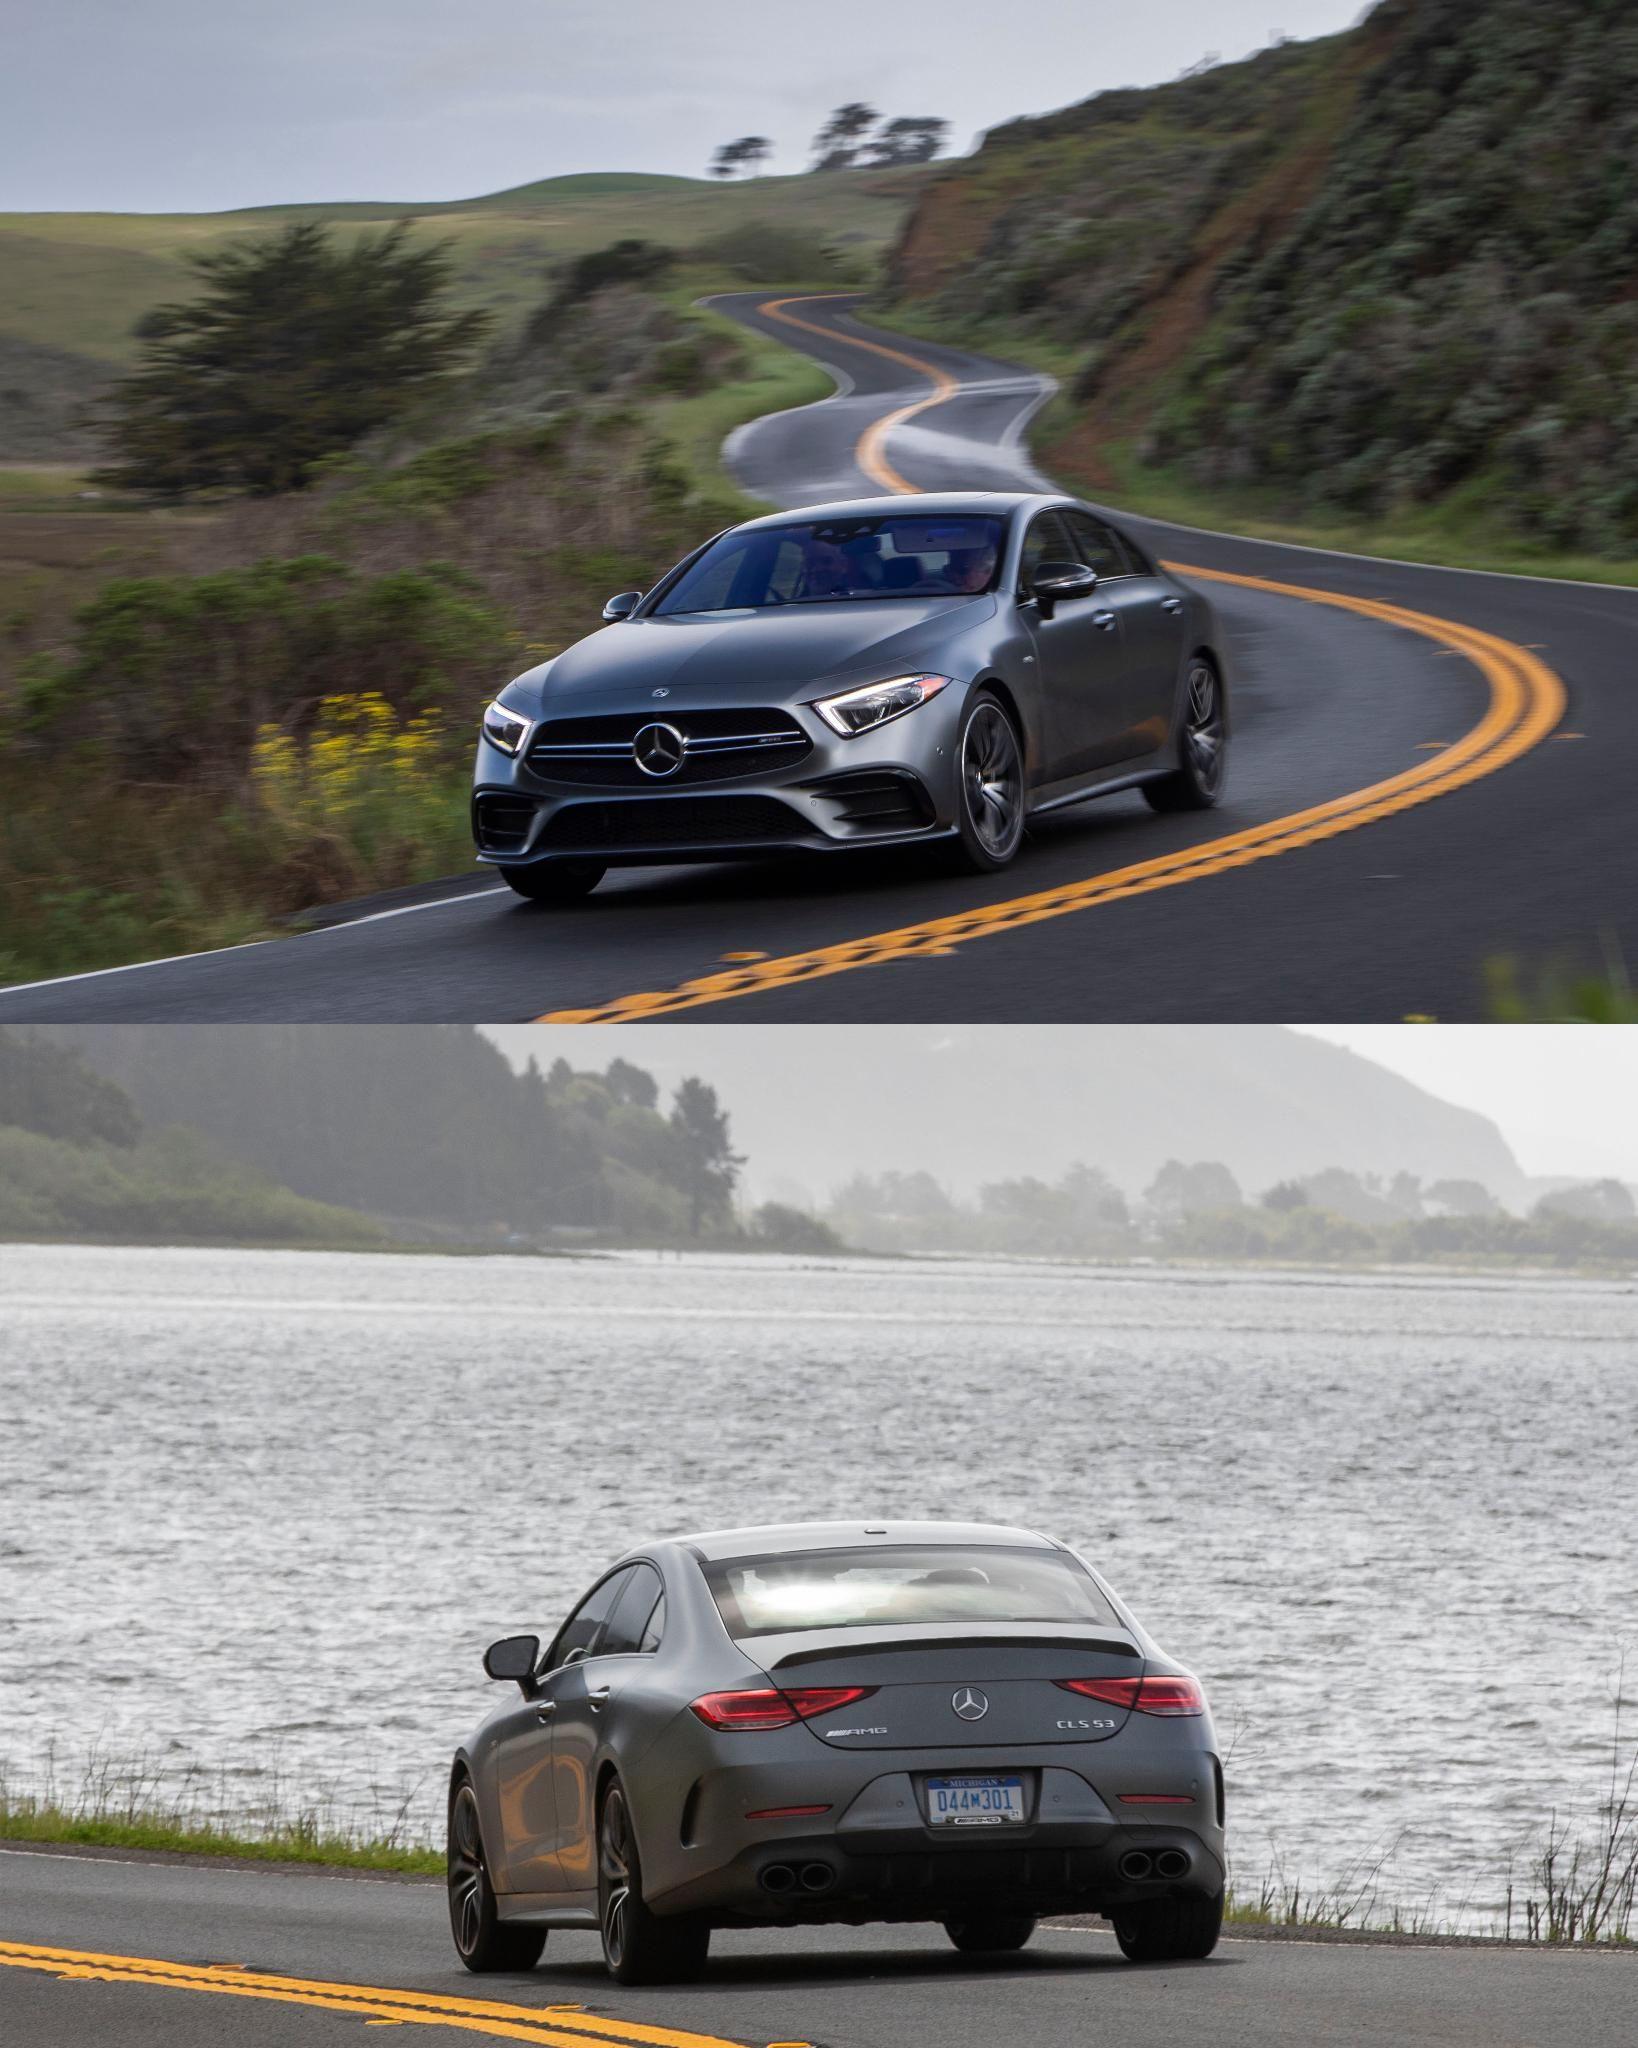 2019 mercedesamg e53 sedancoupecabrio review perfectly